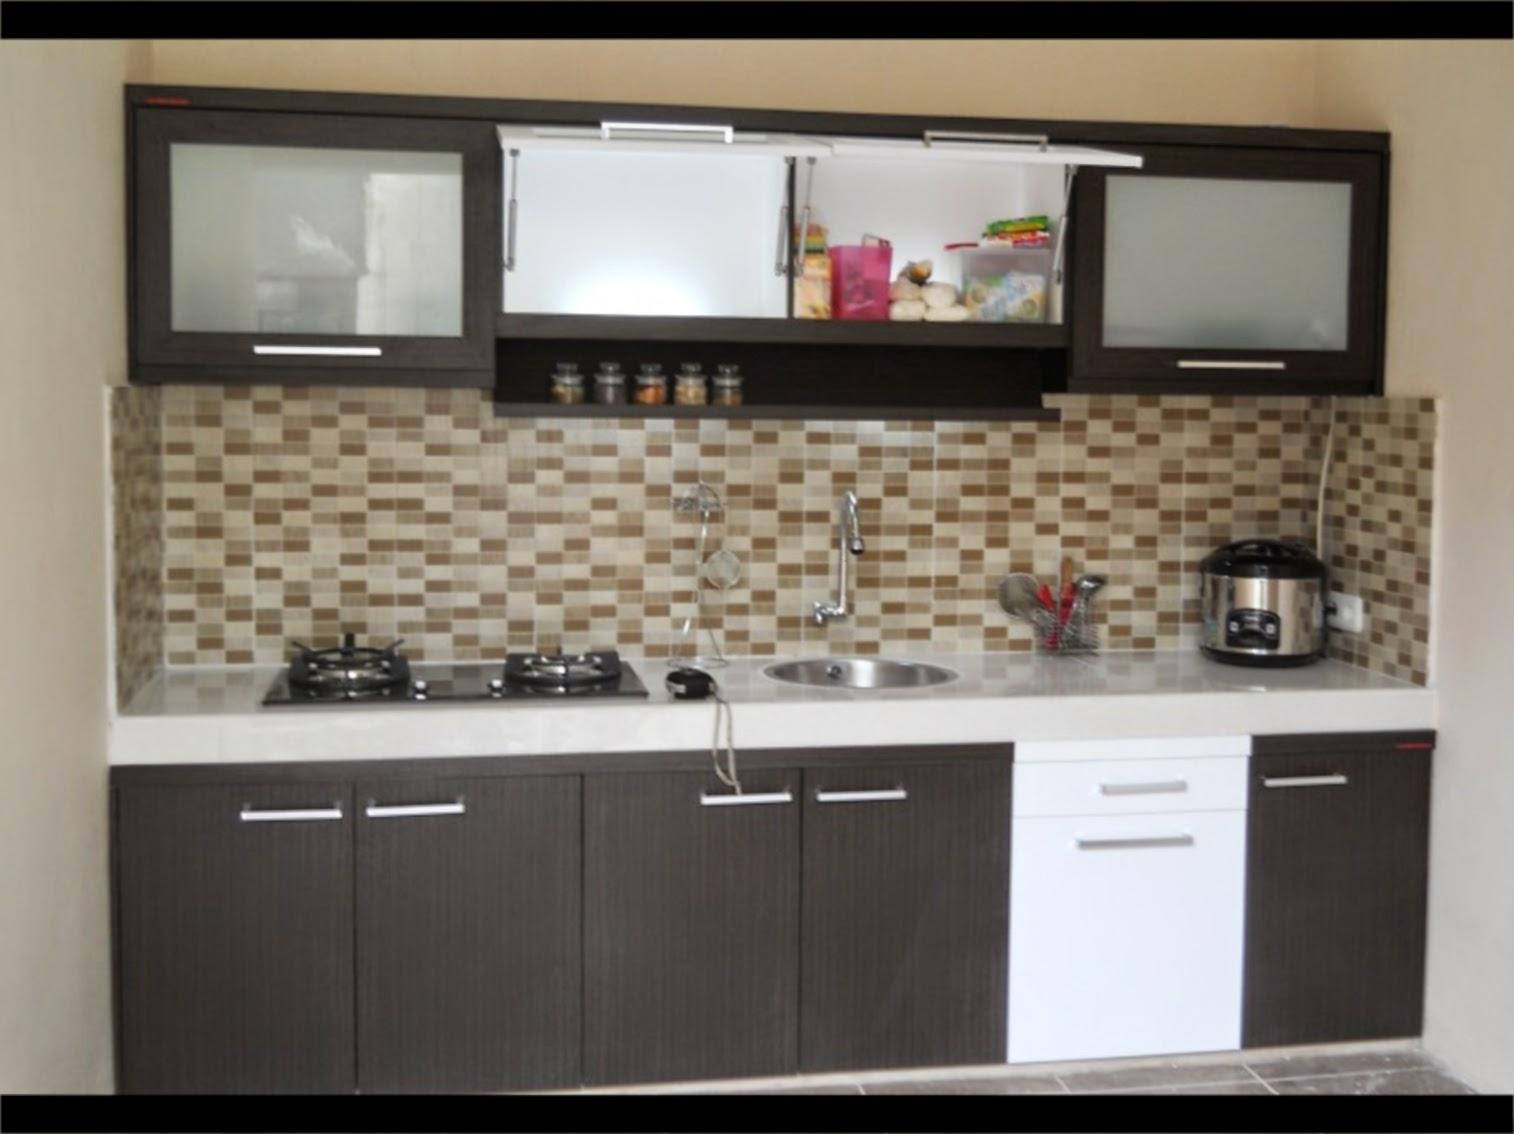 Rumah minimalis kotak modern serial serials for Model kitchen set aluminium